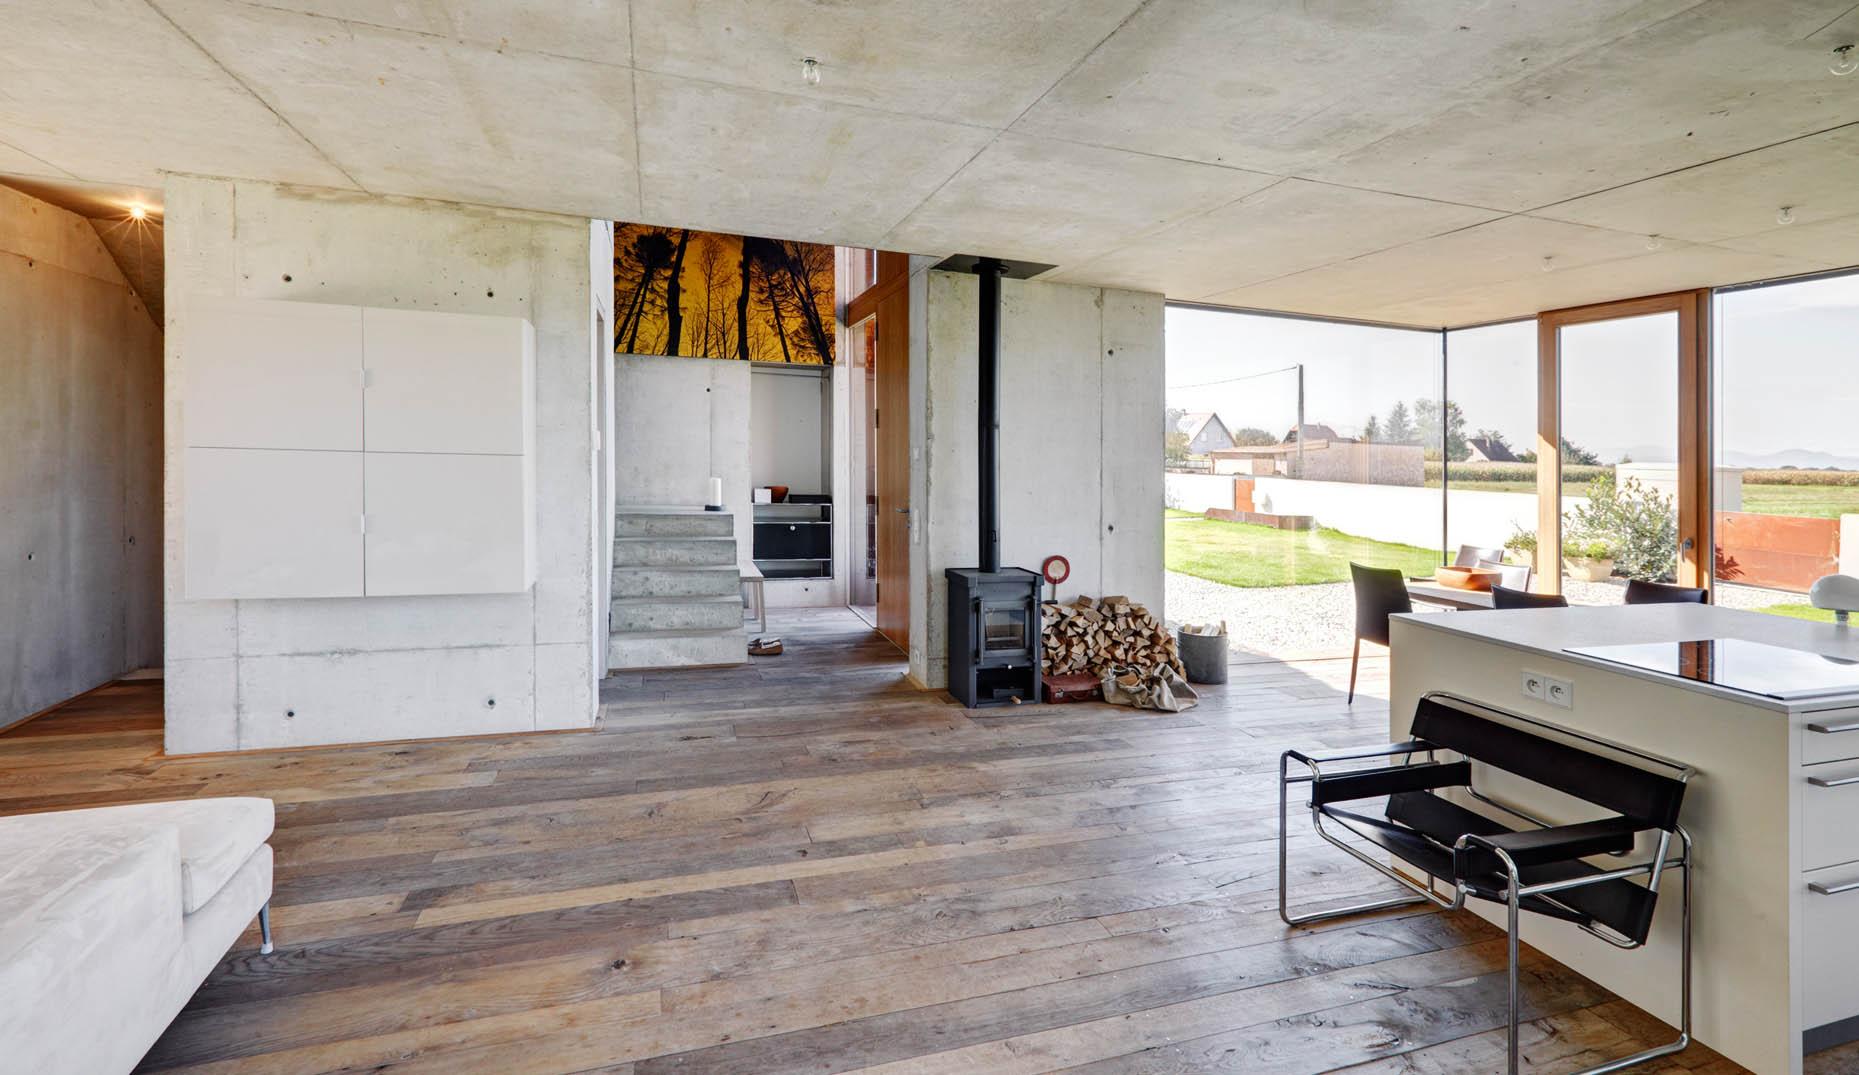 Ein Zimmer mit einem braunen Echtholzboden